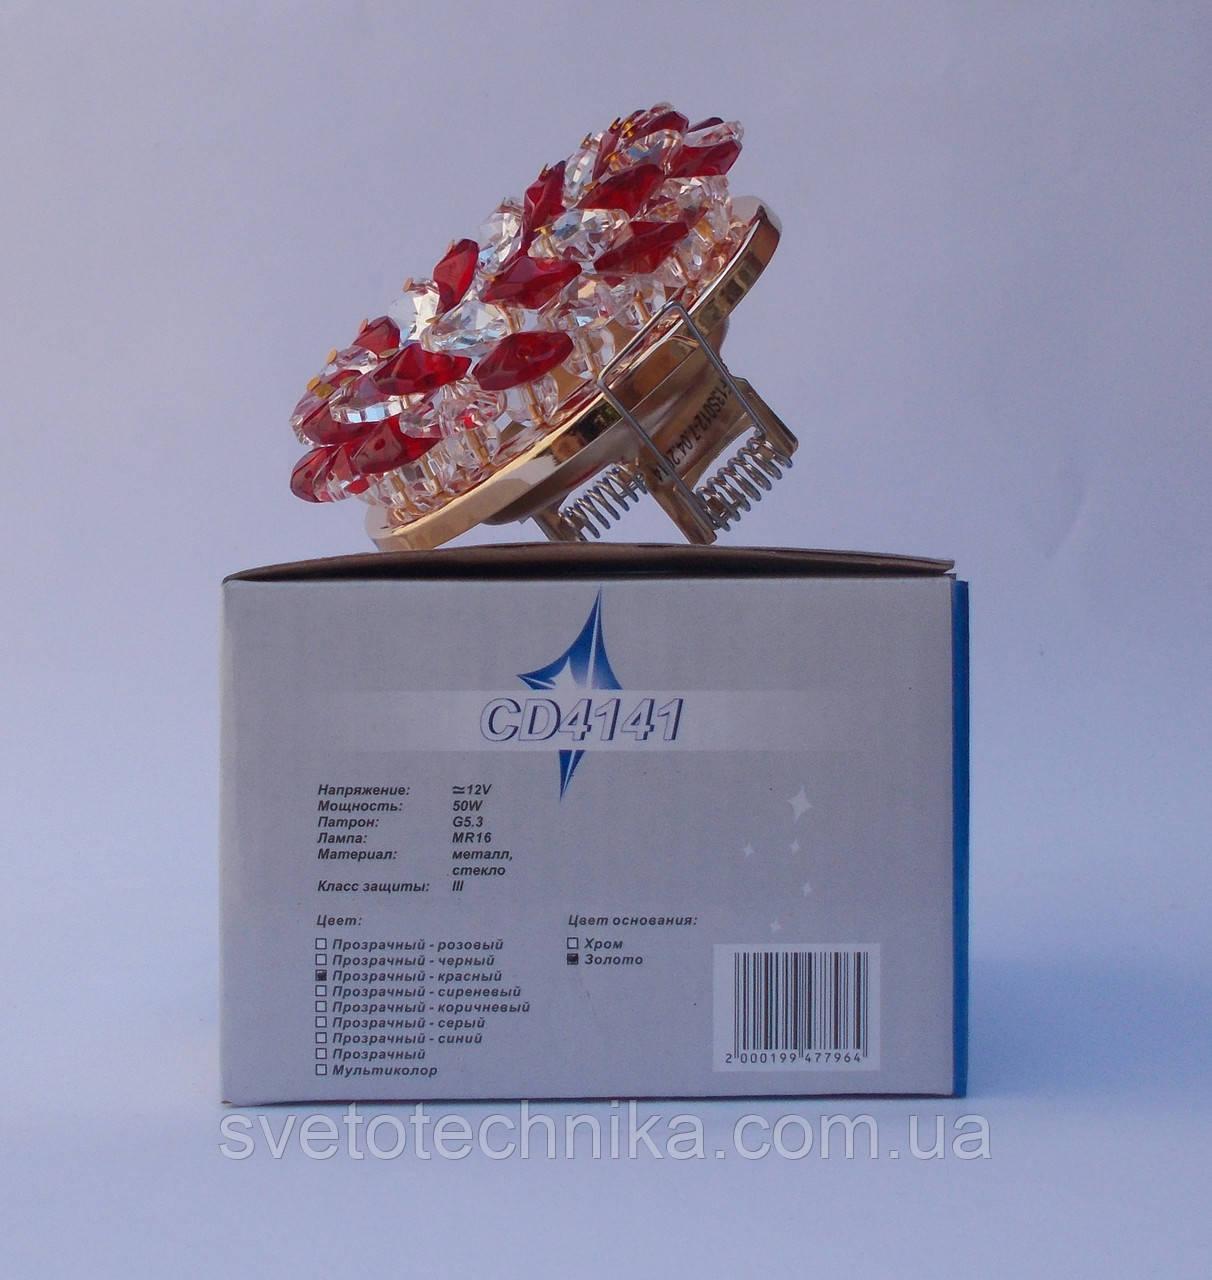 Встраиваемый  светильник Feron CD4141 MR16(цвет корпуса прозрачно-красный, золото)